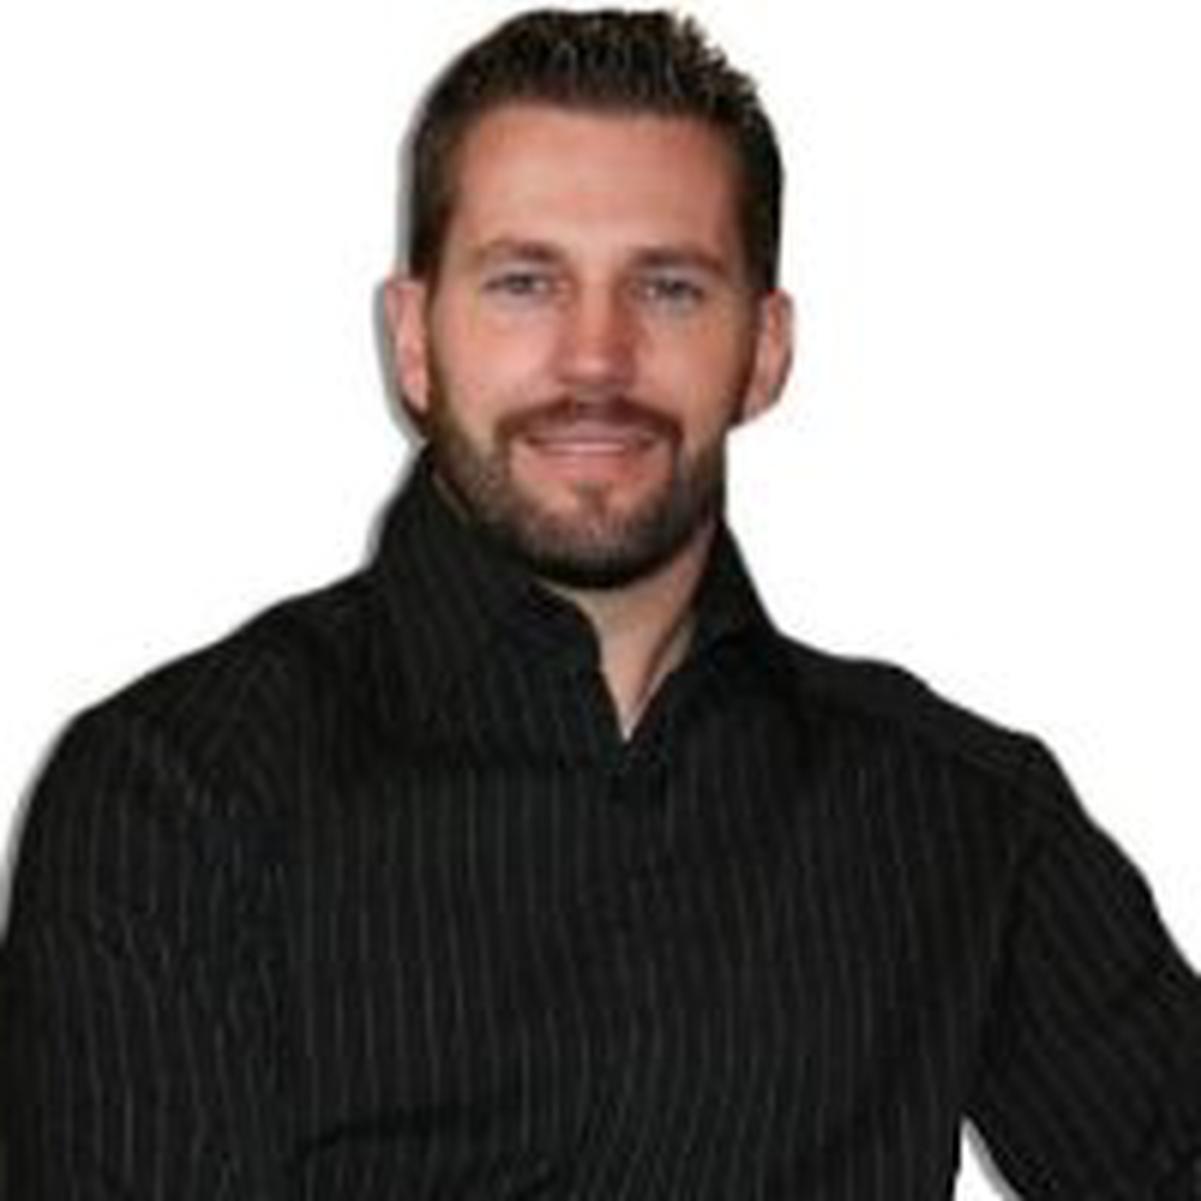 Aaron Hymas